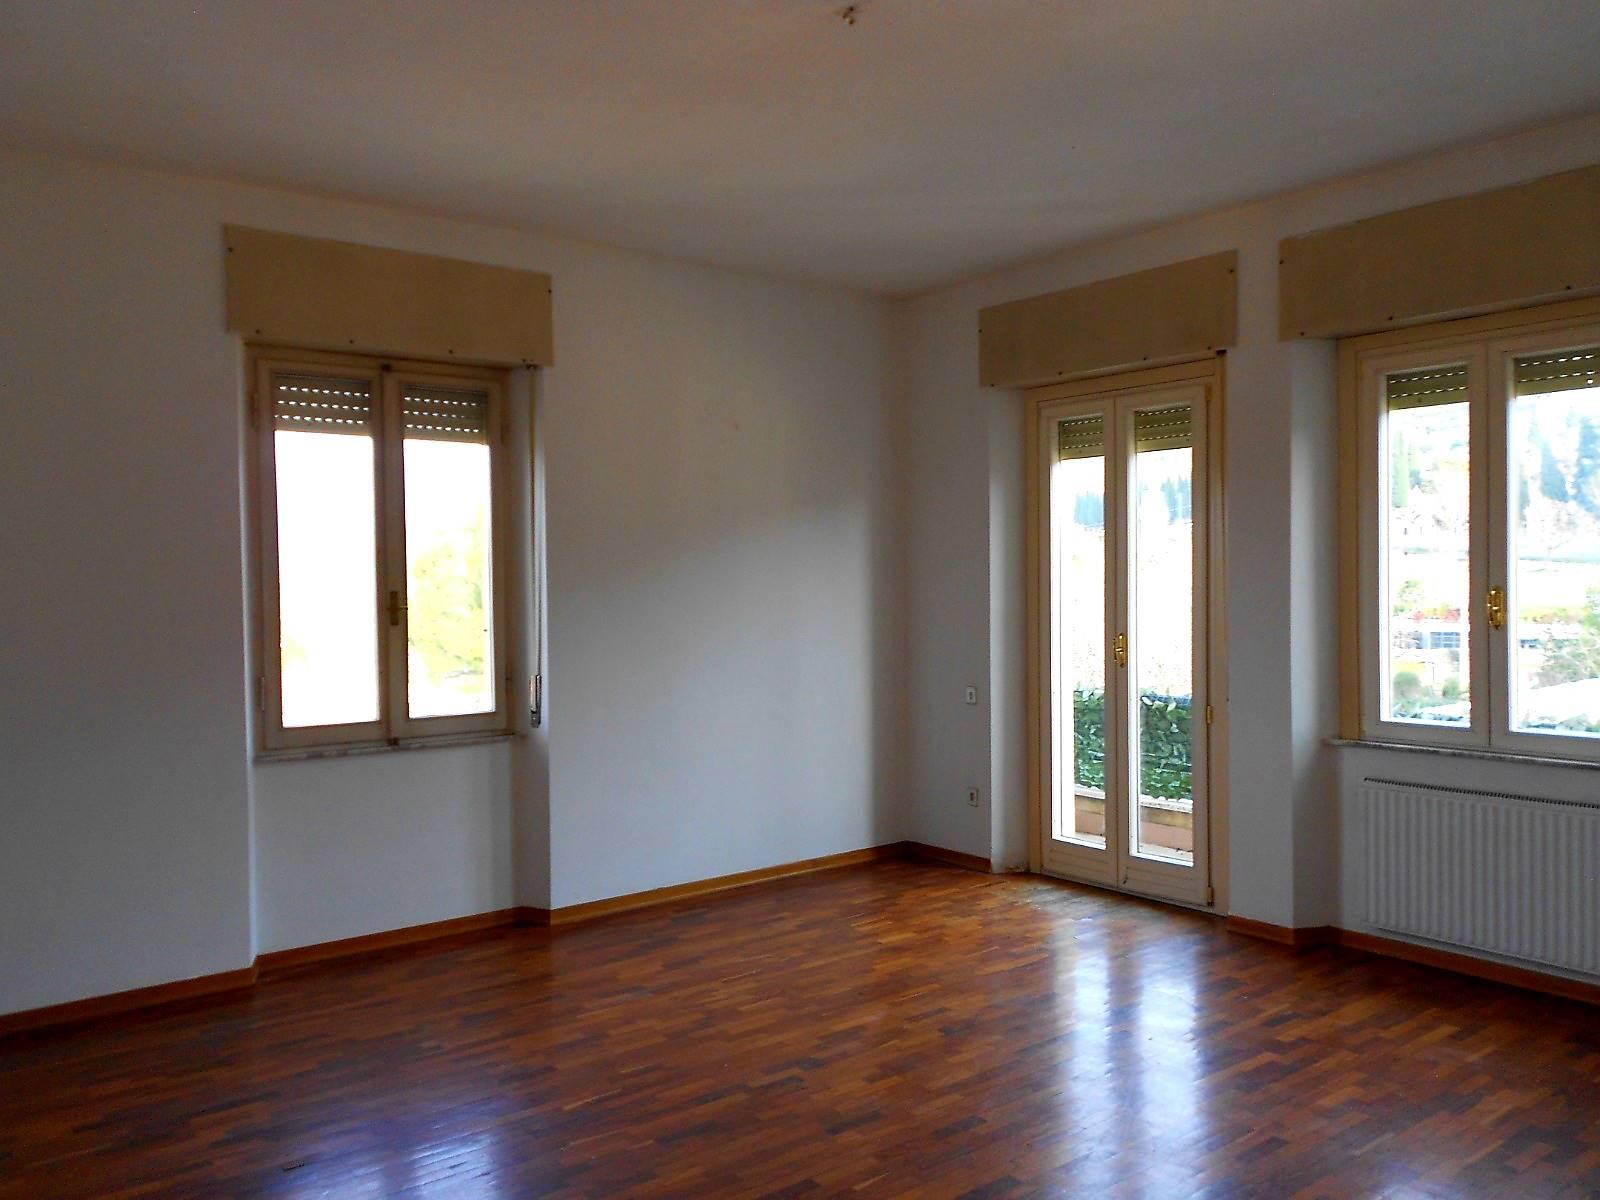 Appartamento in vendita a Spoleto, 5 locali, zona Località: CITTA', prezzo € 119.000 | CambioCasa.it